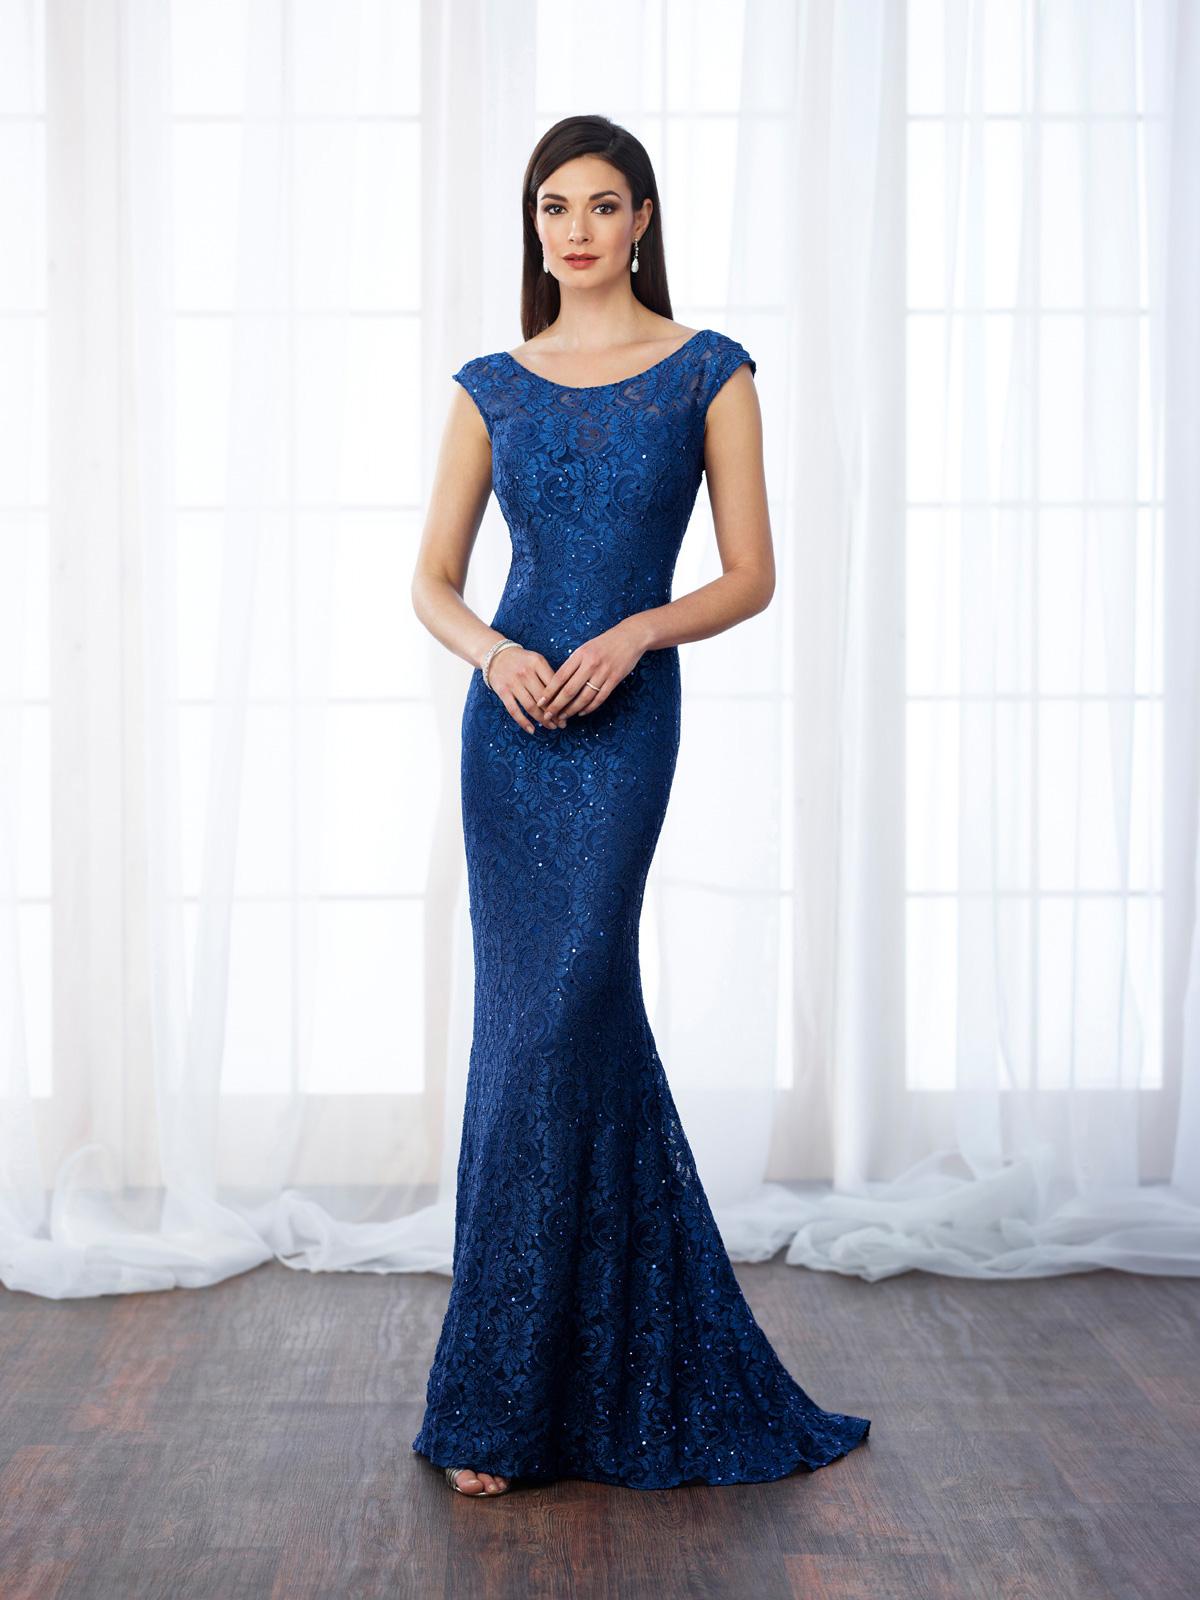 Vestido de Festa elegante confeccionado em renda francesa rebordada em pedrarias, corte semi sereia impecável co mangas e decote de costas profundo.